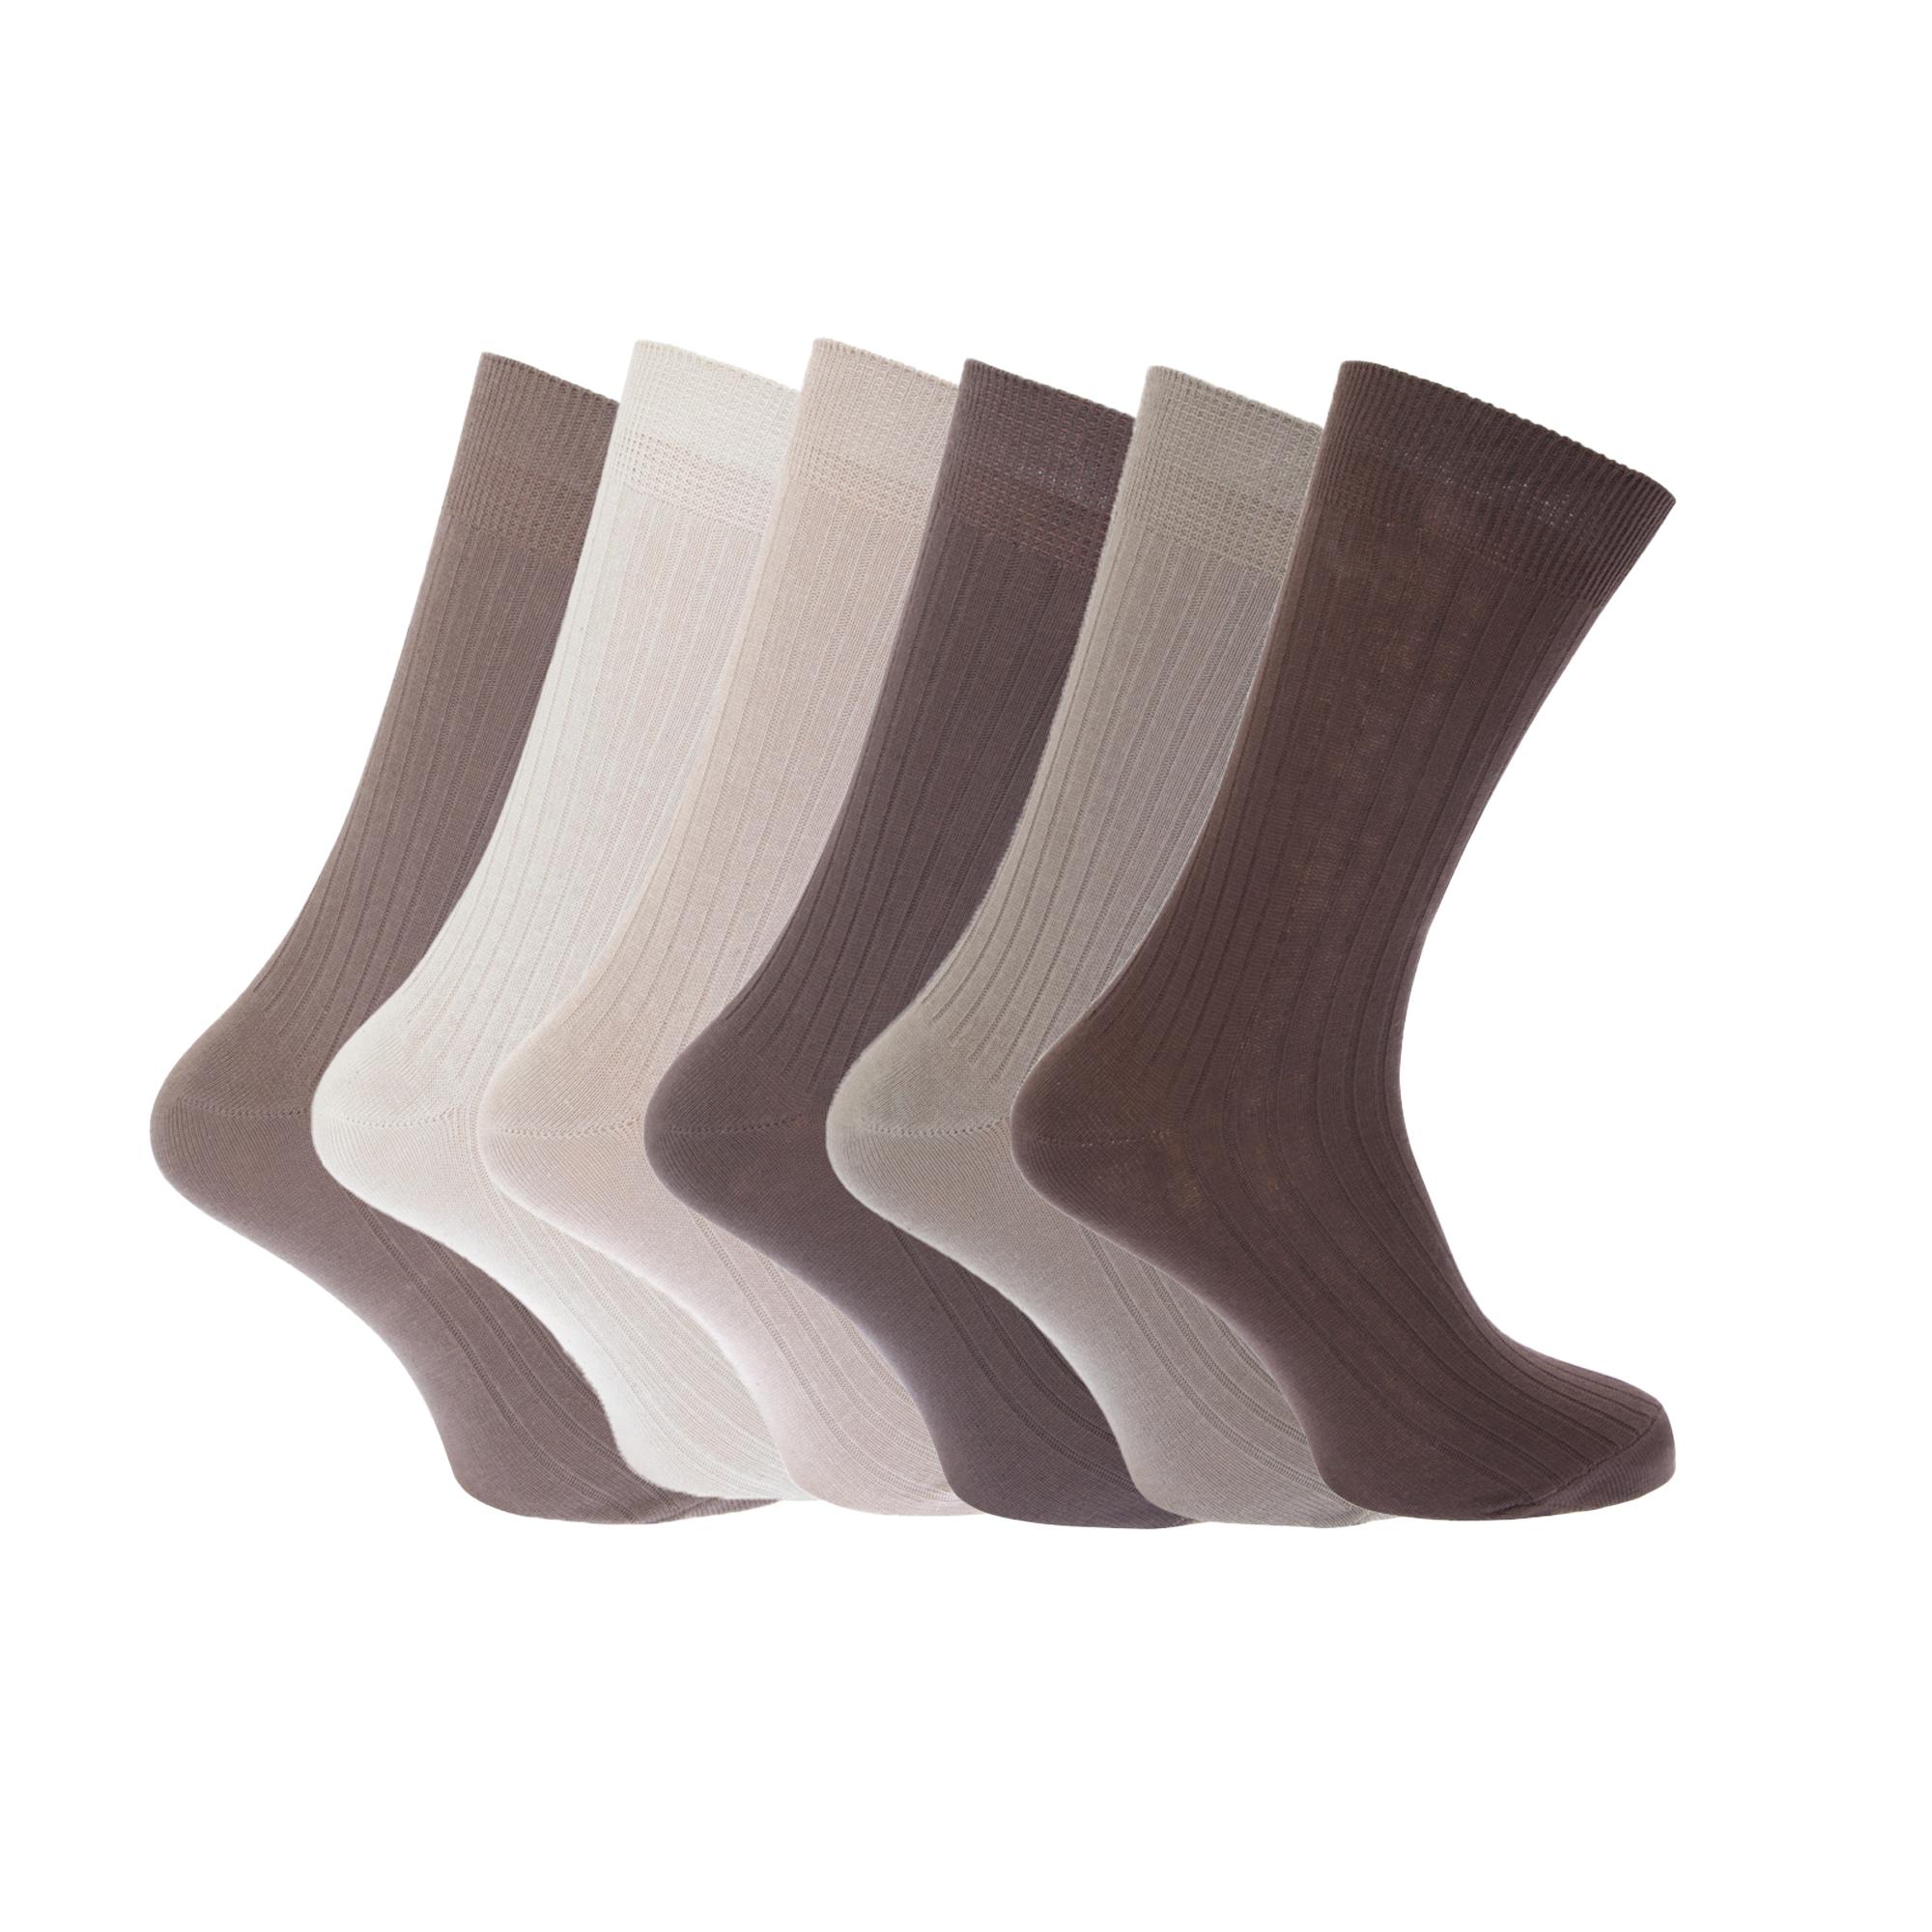 Floso Calcetines para hombre 100% Algodón Acanalado (paquete de 6)